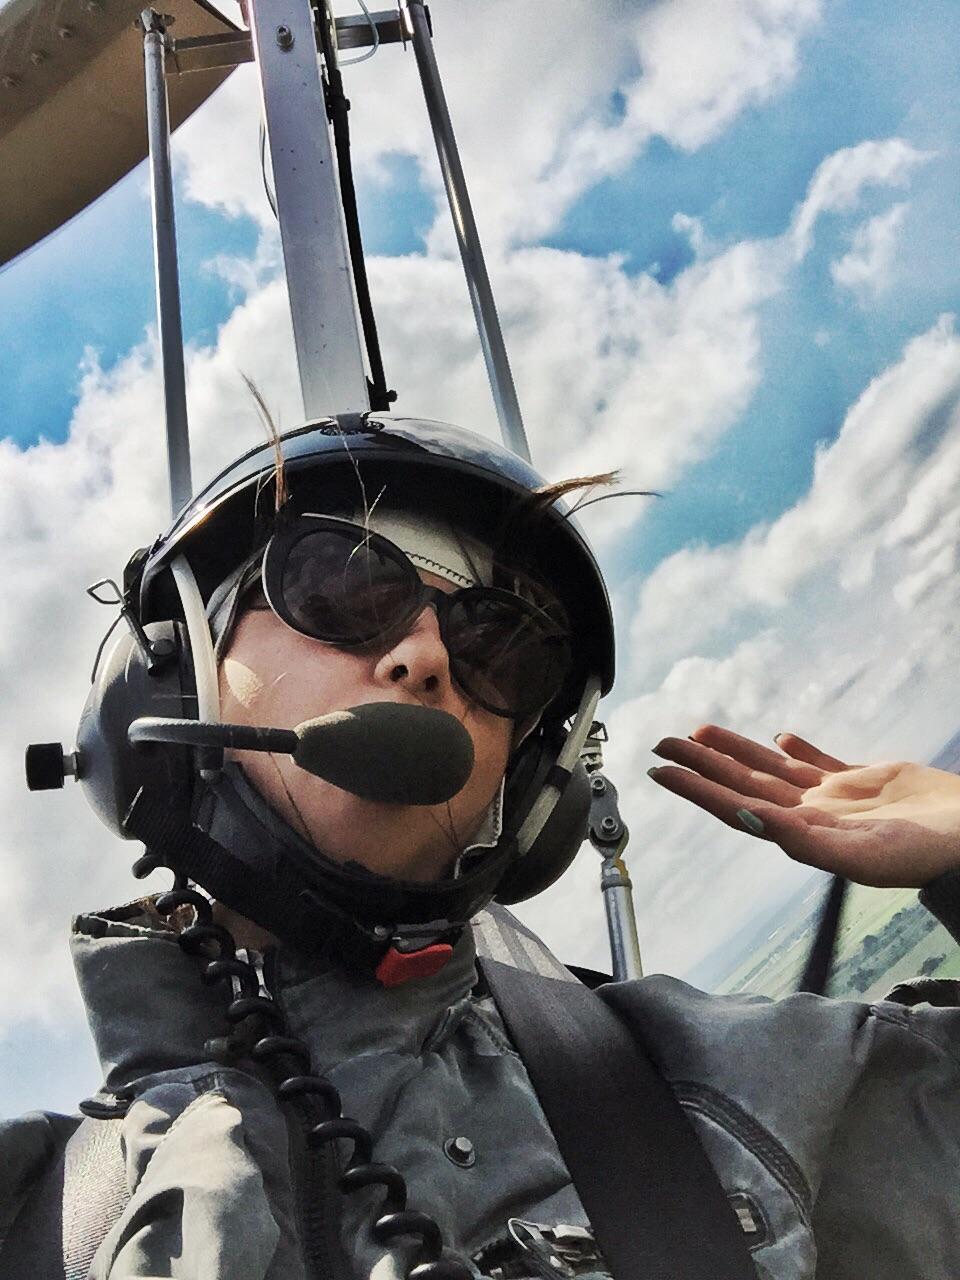 Высота полета 2 000 метров, скорость 250 км в час)) приятного полета